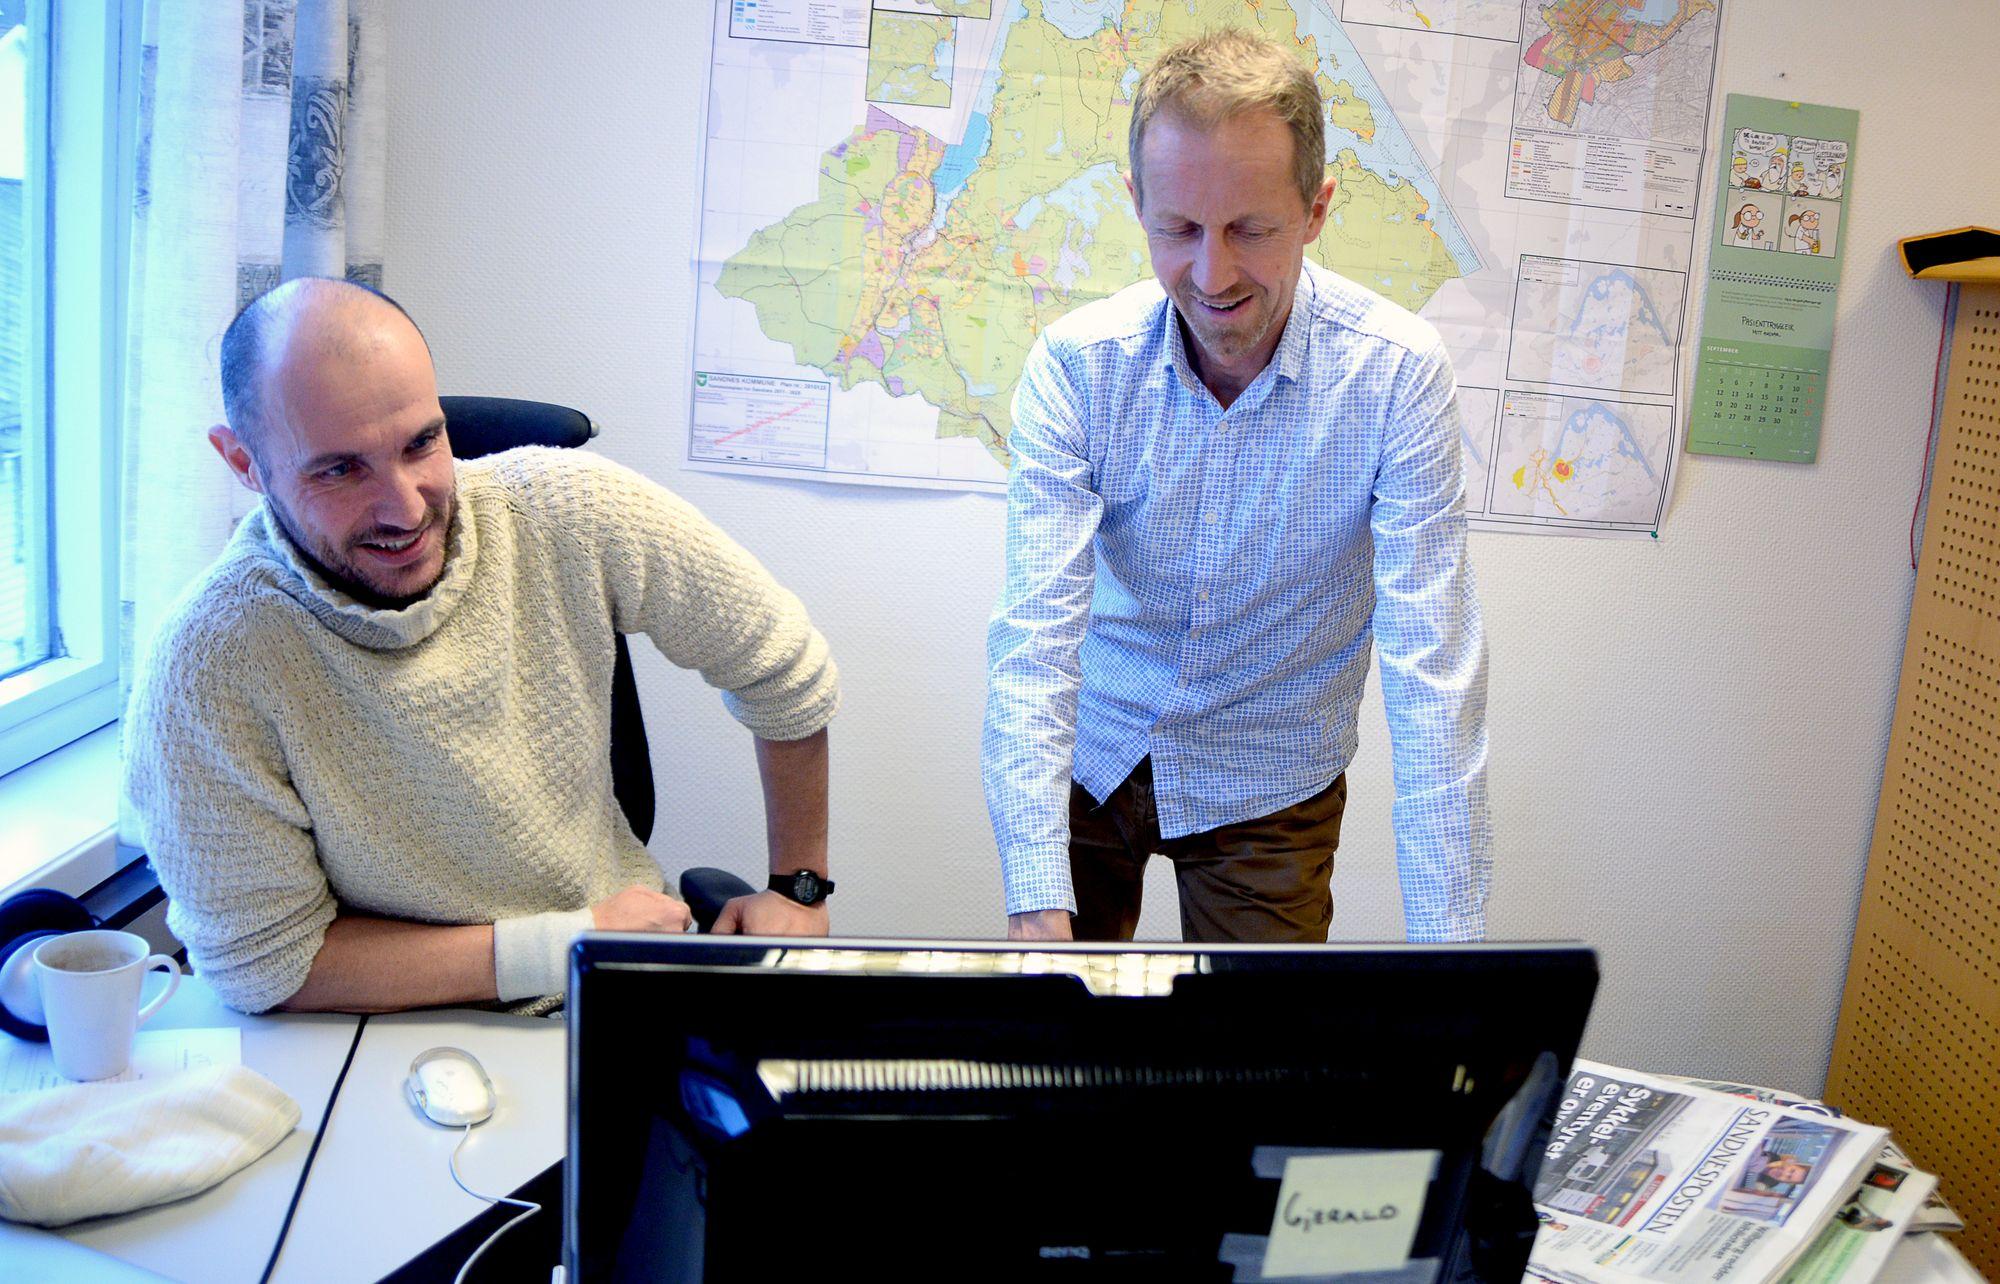 Redaktør Frode M. Gjerald og Jørn Holmen begynte i 2014 og 2013 - og har tatt avisa med på en solid snuoperasjon.